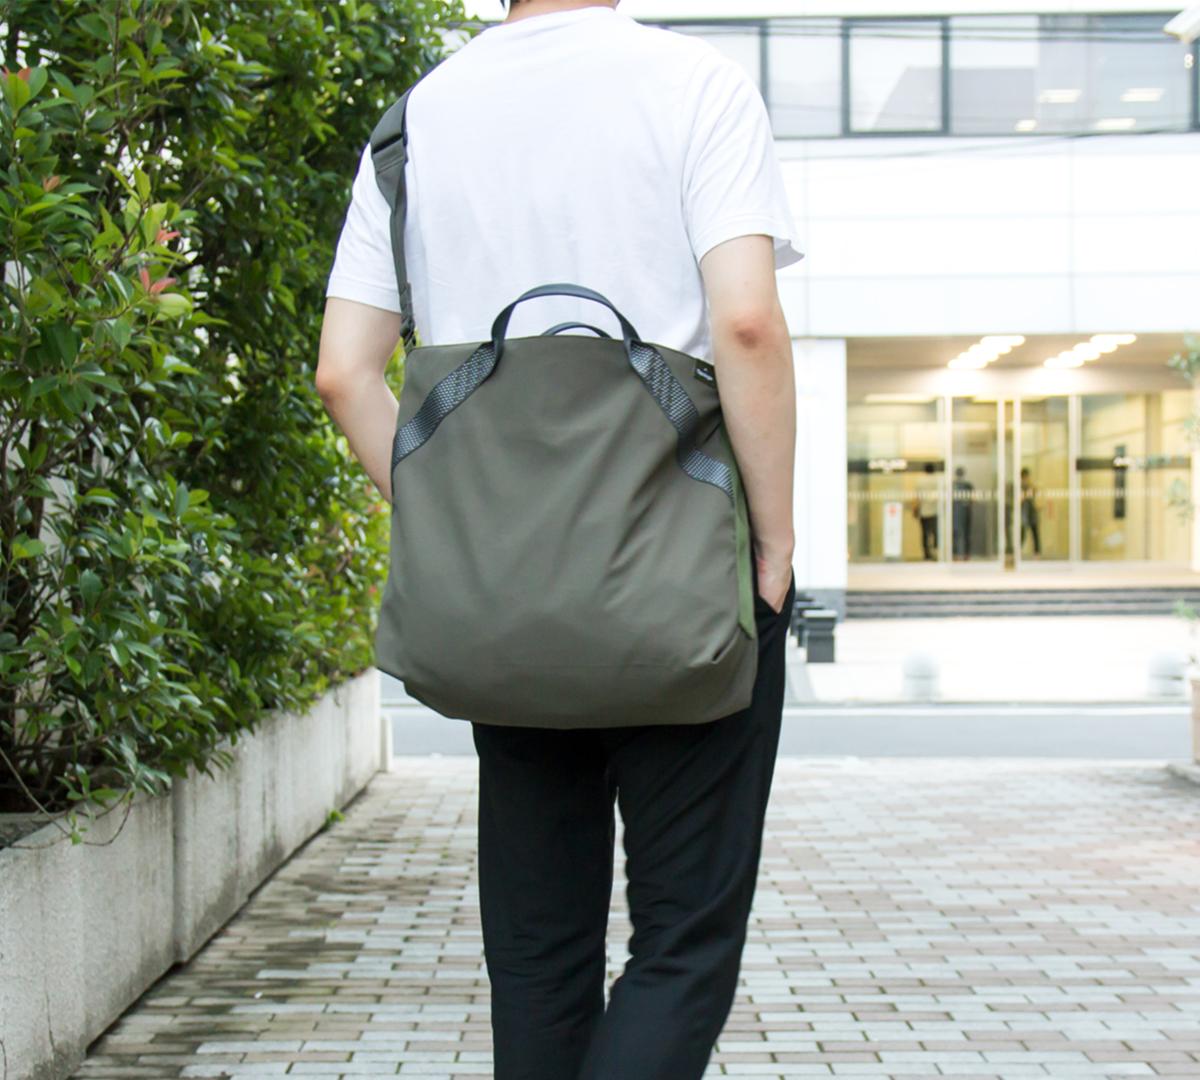 ①長時間背負っても快適!|超軽量、動きを邪魔しない、荷重を分散、ミニマムデザインの2WAYトートバッグ | Topologie